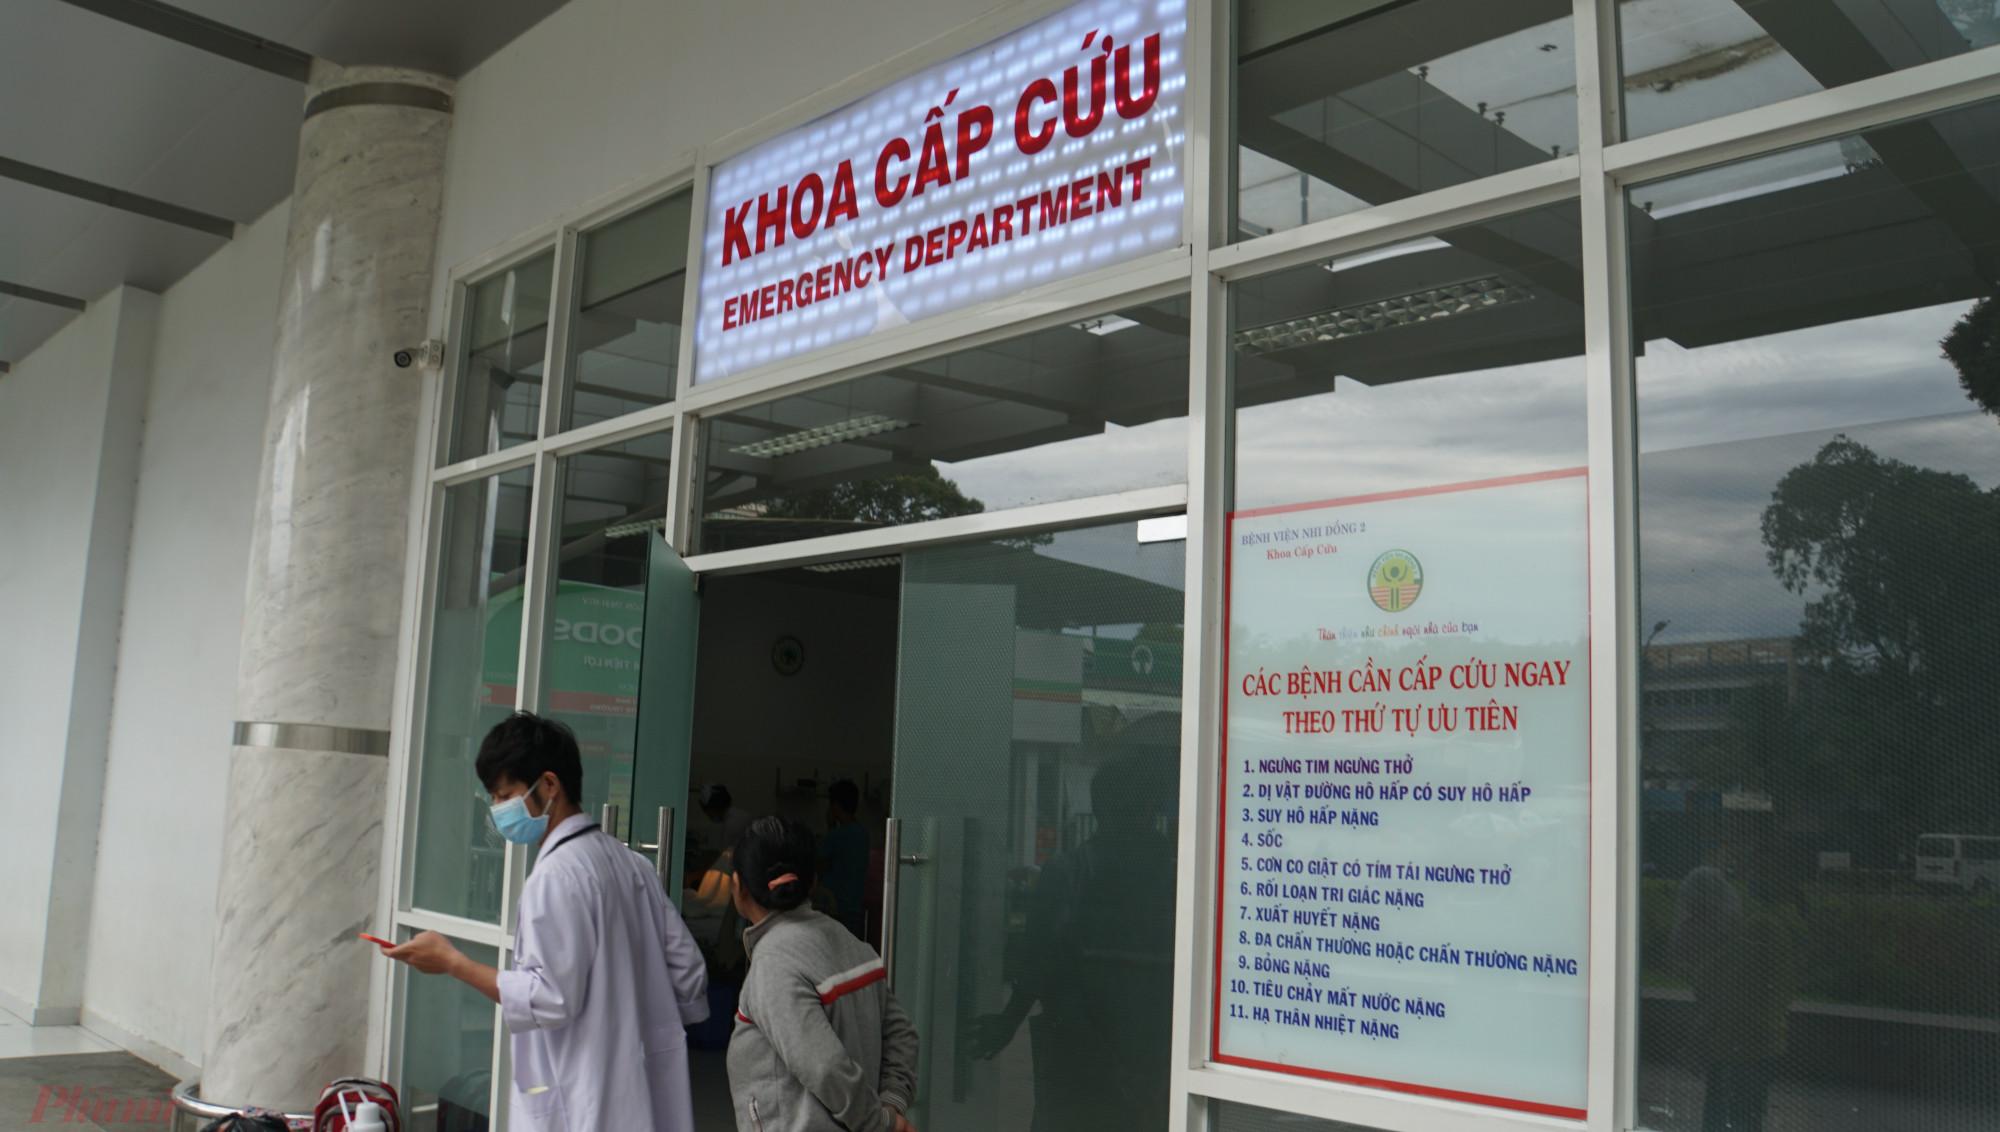 Các trường hợp nghi ngờ bệnh được đưa đến bệnh viện đều chuyển thẳng vào phòng cách ly nên người dân không nên quá lo lắng